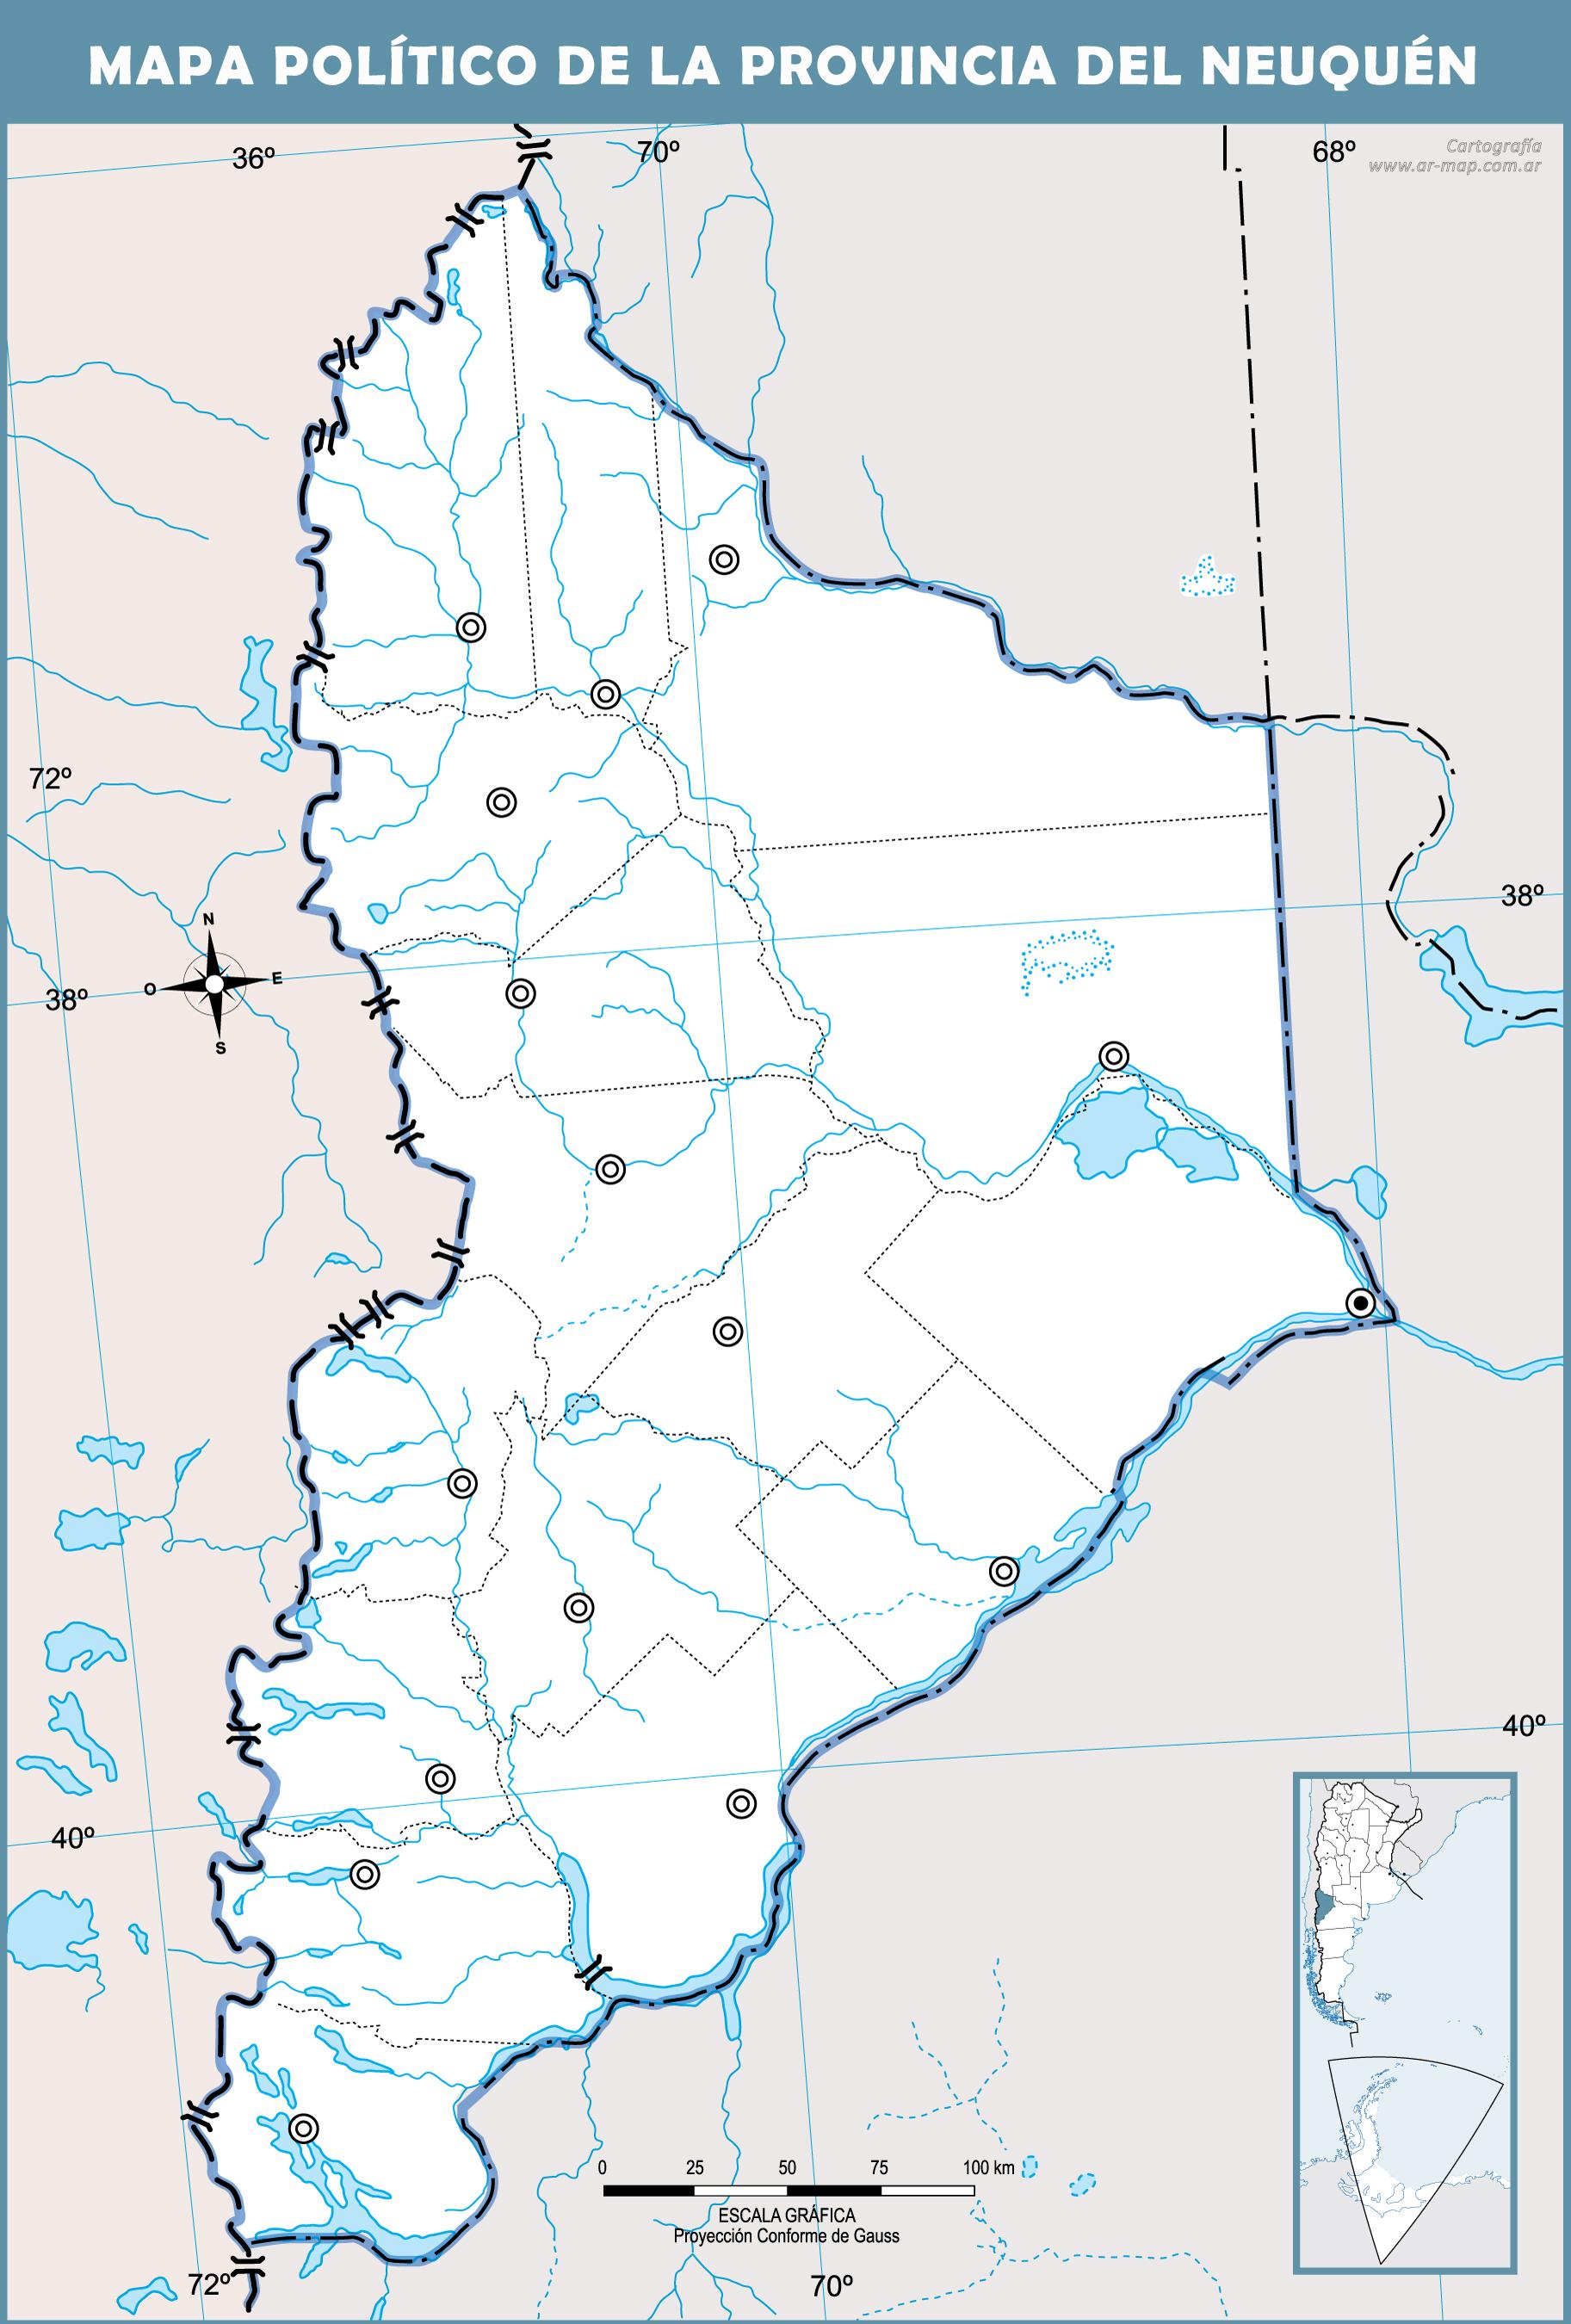 Mapa de neuquen politico